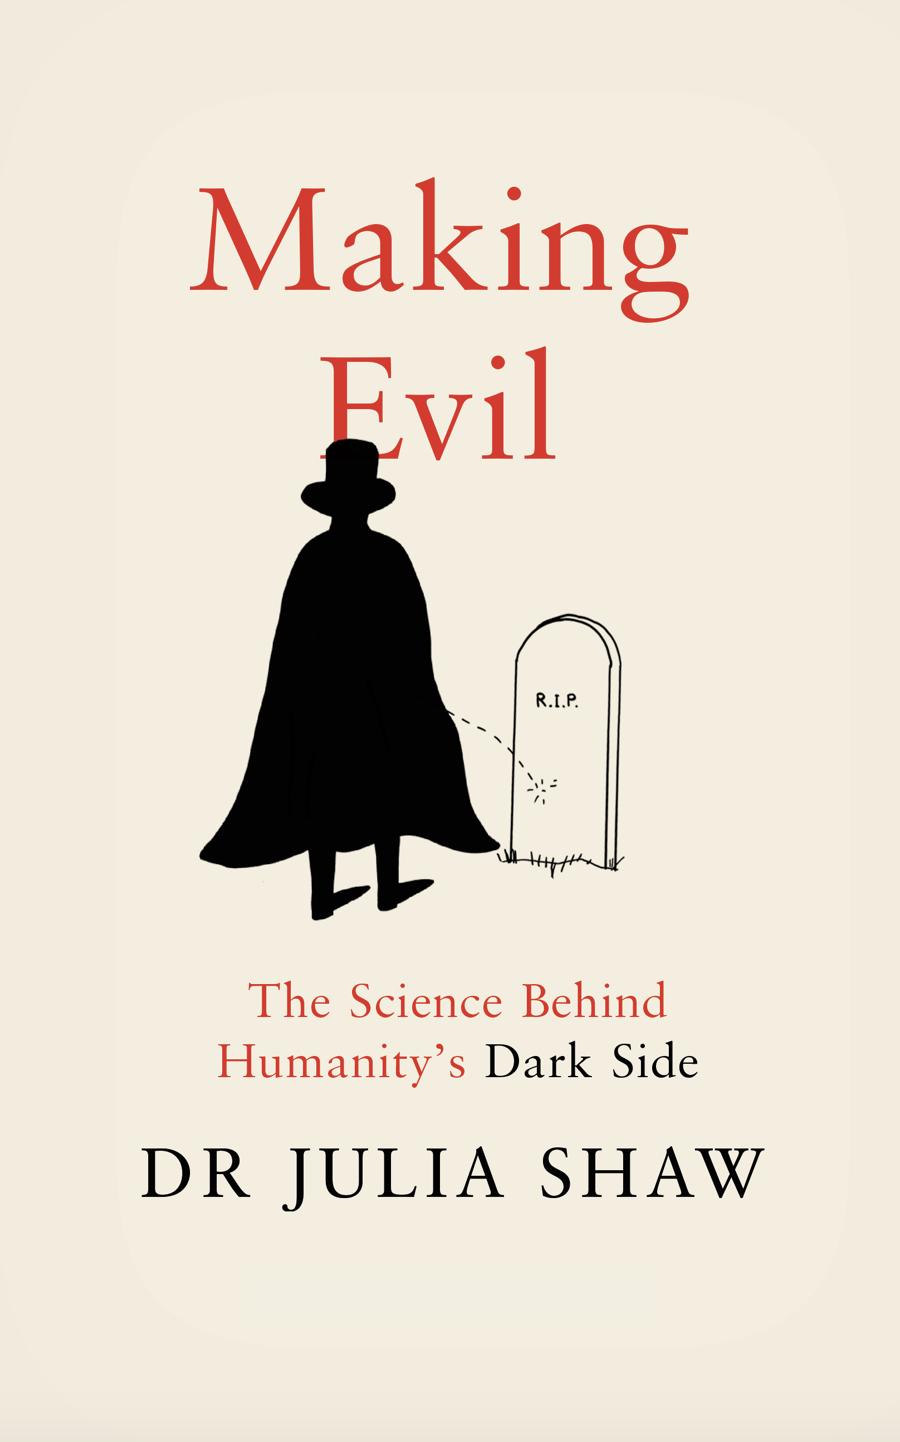 Making Evil UK Dr Julia Shaw Shrigley book.png